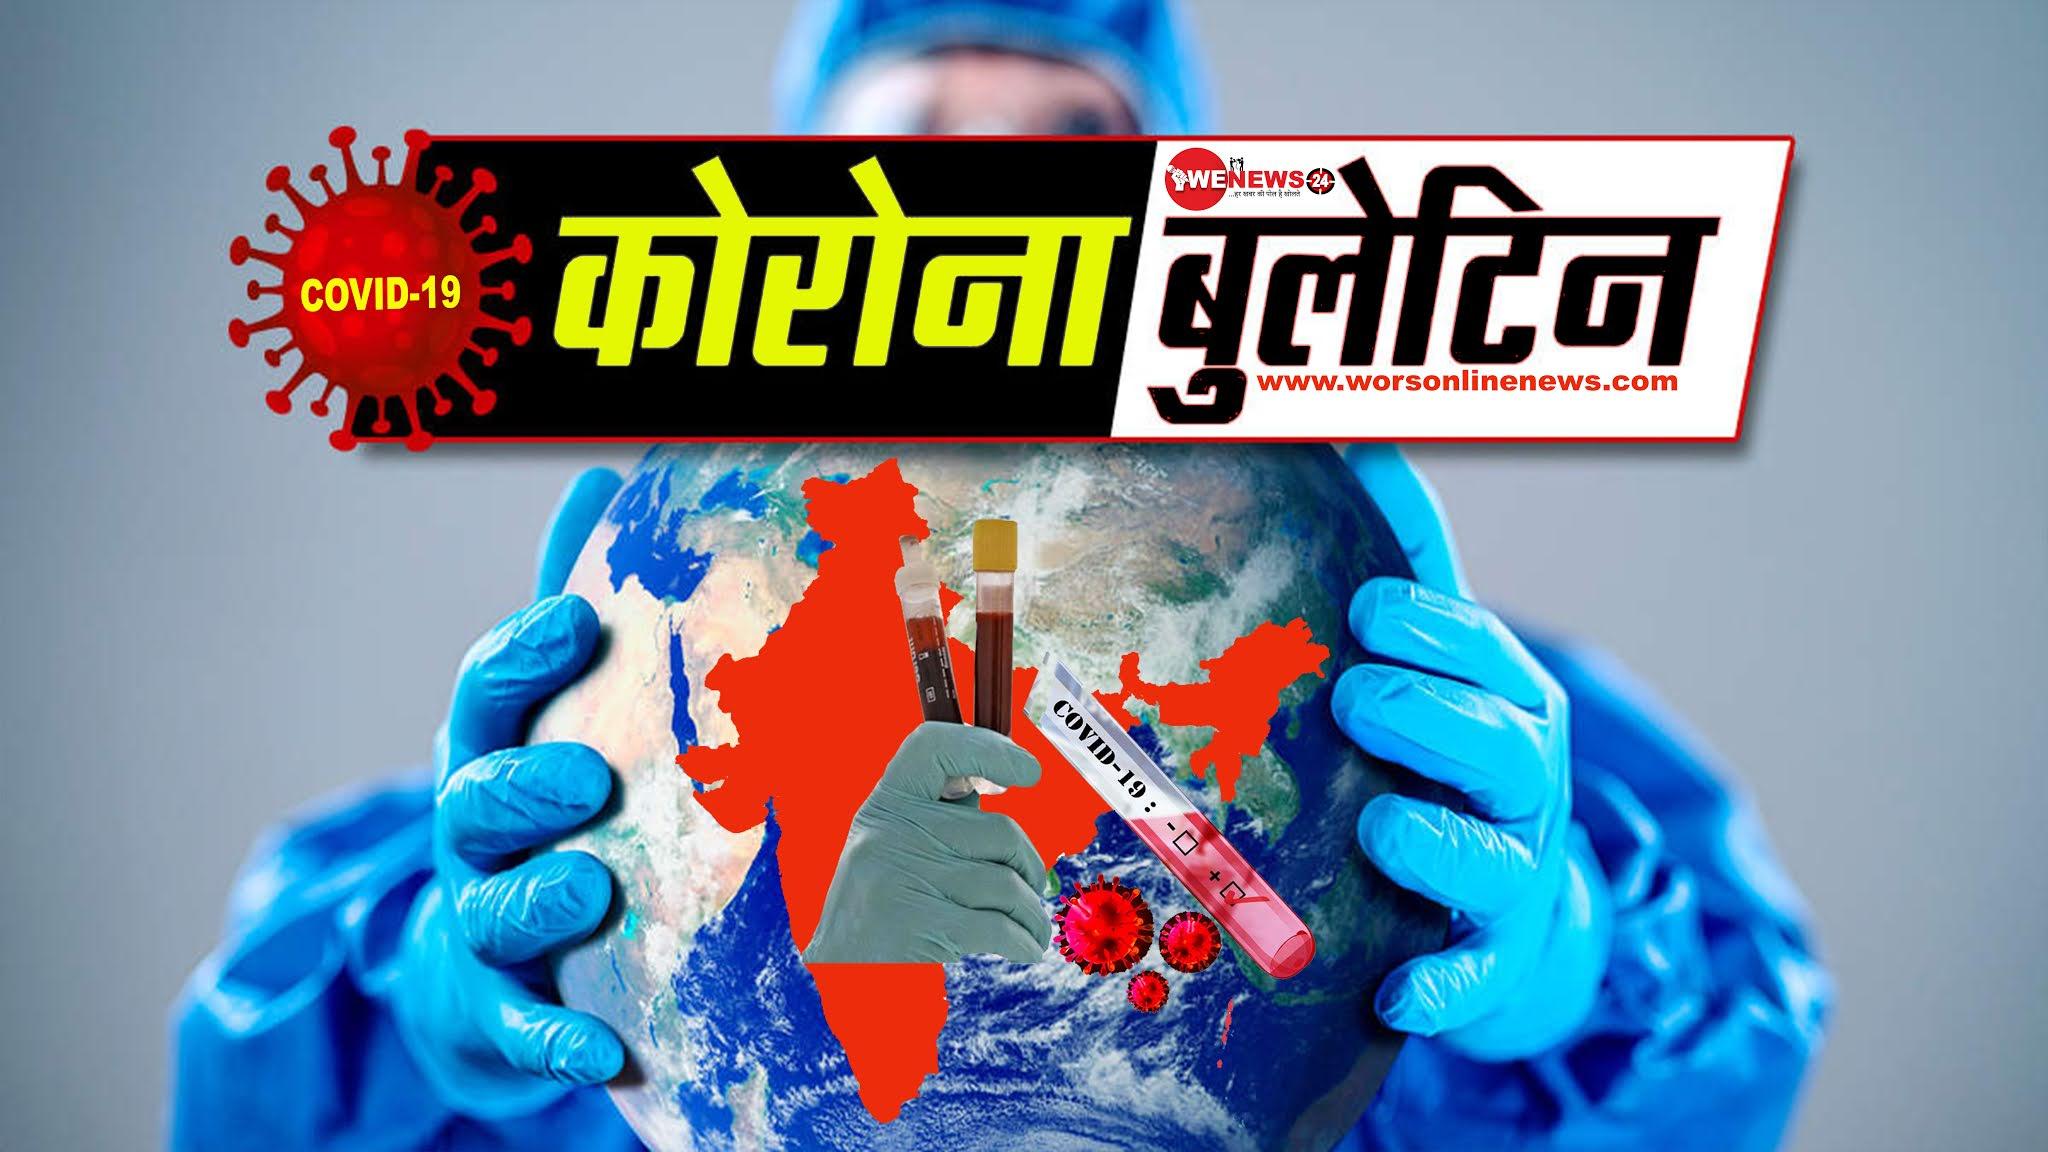 नई दिल्ली / भारत में कोरोना वायरस के प्रसार में गिरावट के बाद फिर आई तेजी, मरने वालों की संख्या घटी